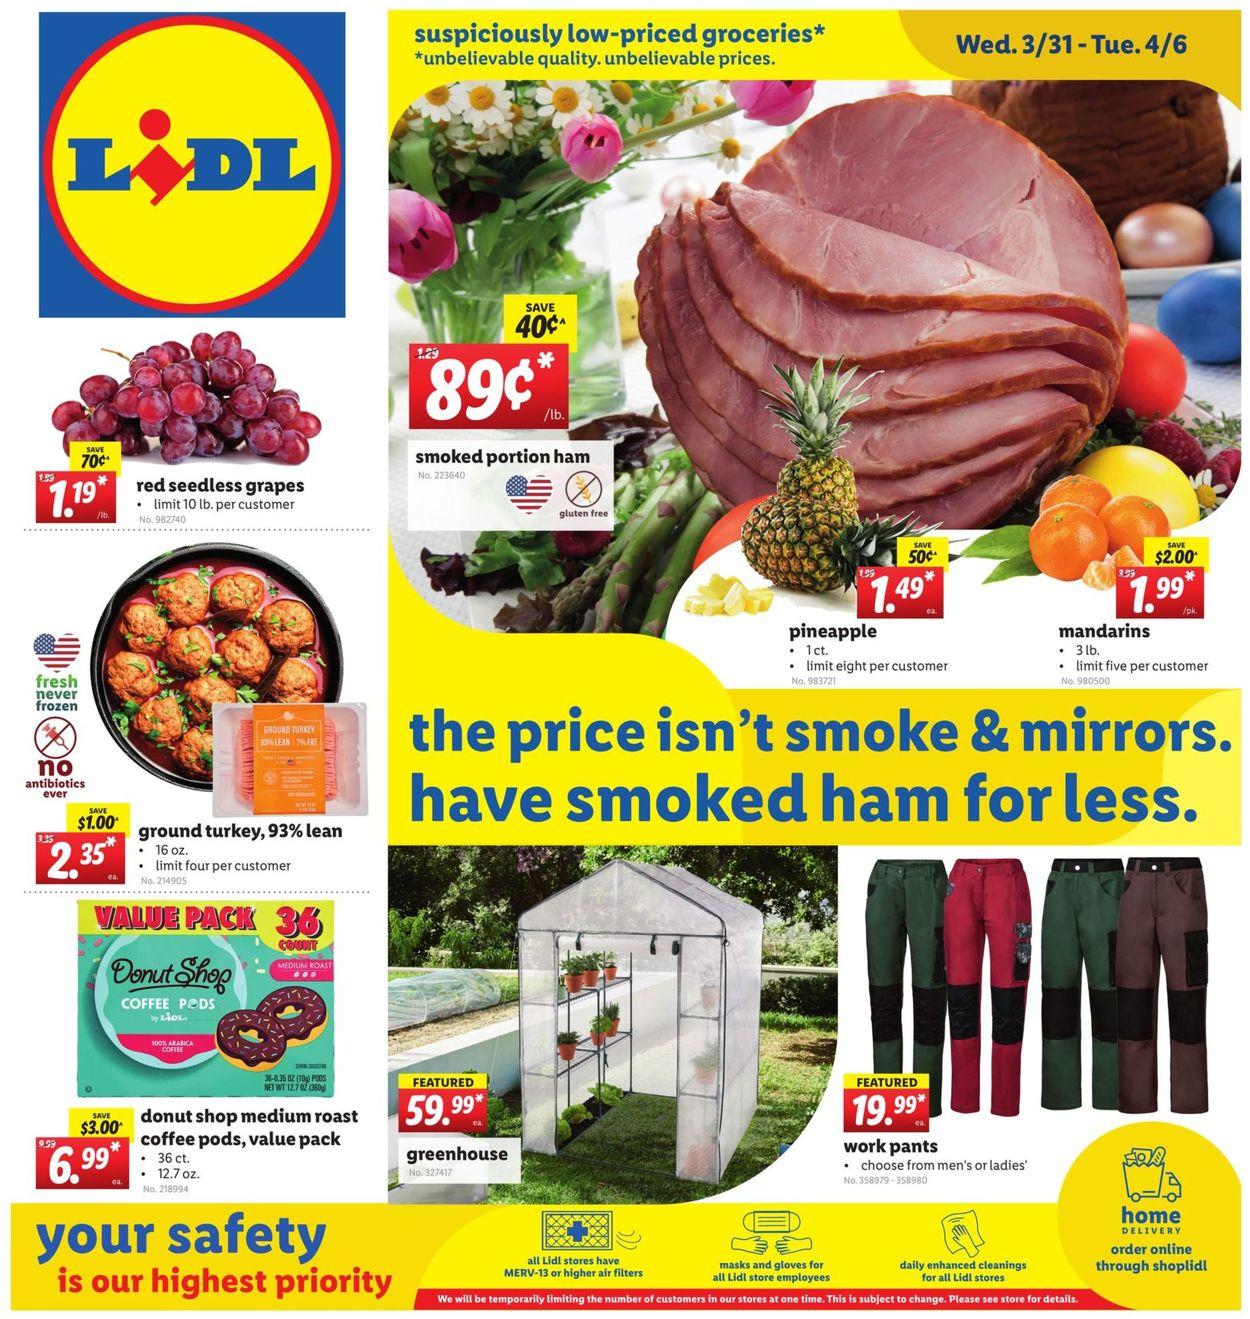 Lidl Easter 2021 Weekly Ad Circular - valid 03/31-04/06/2021